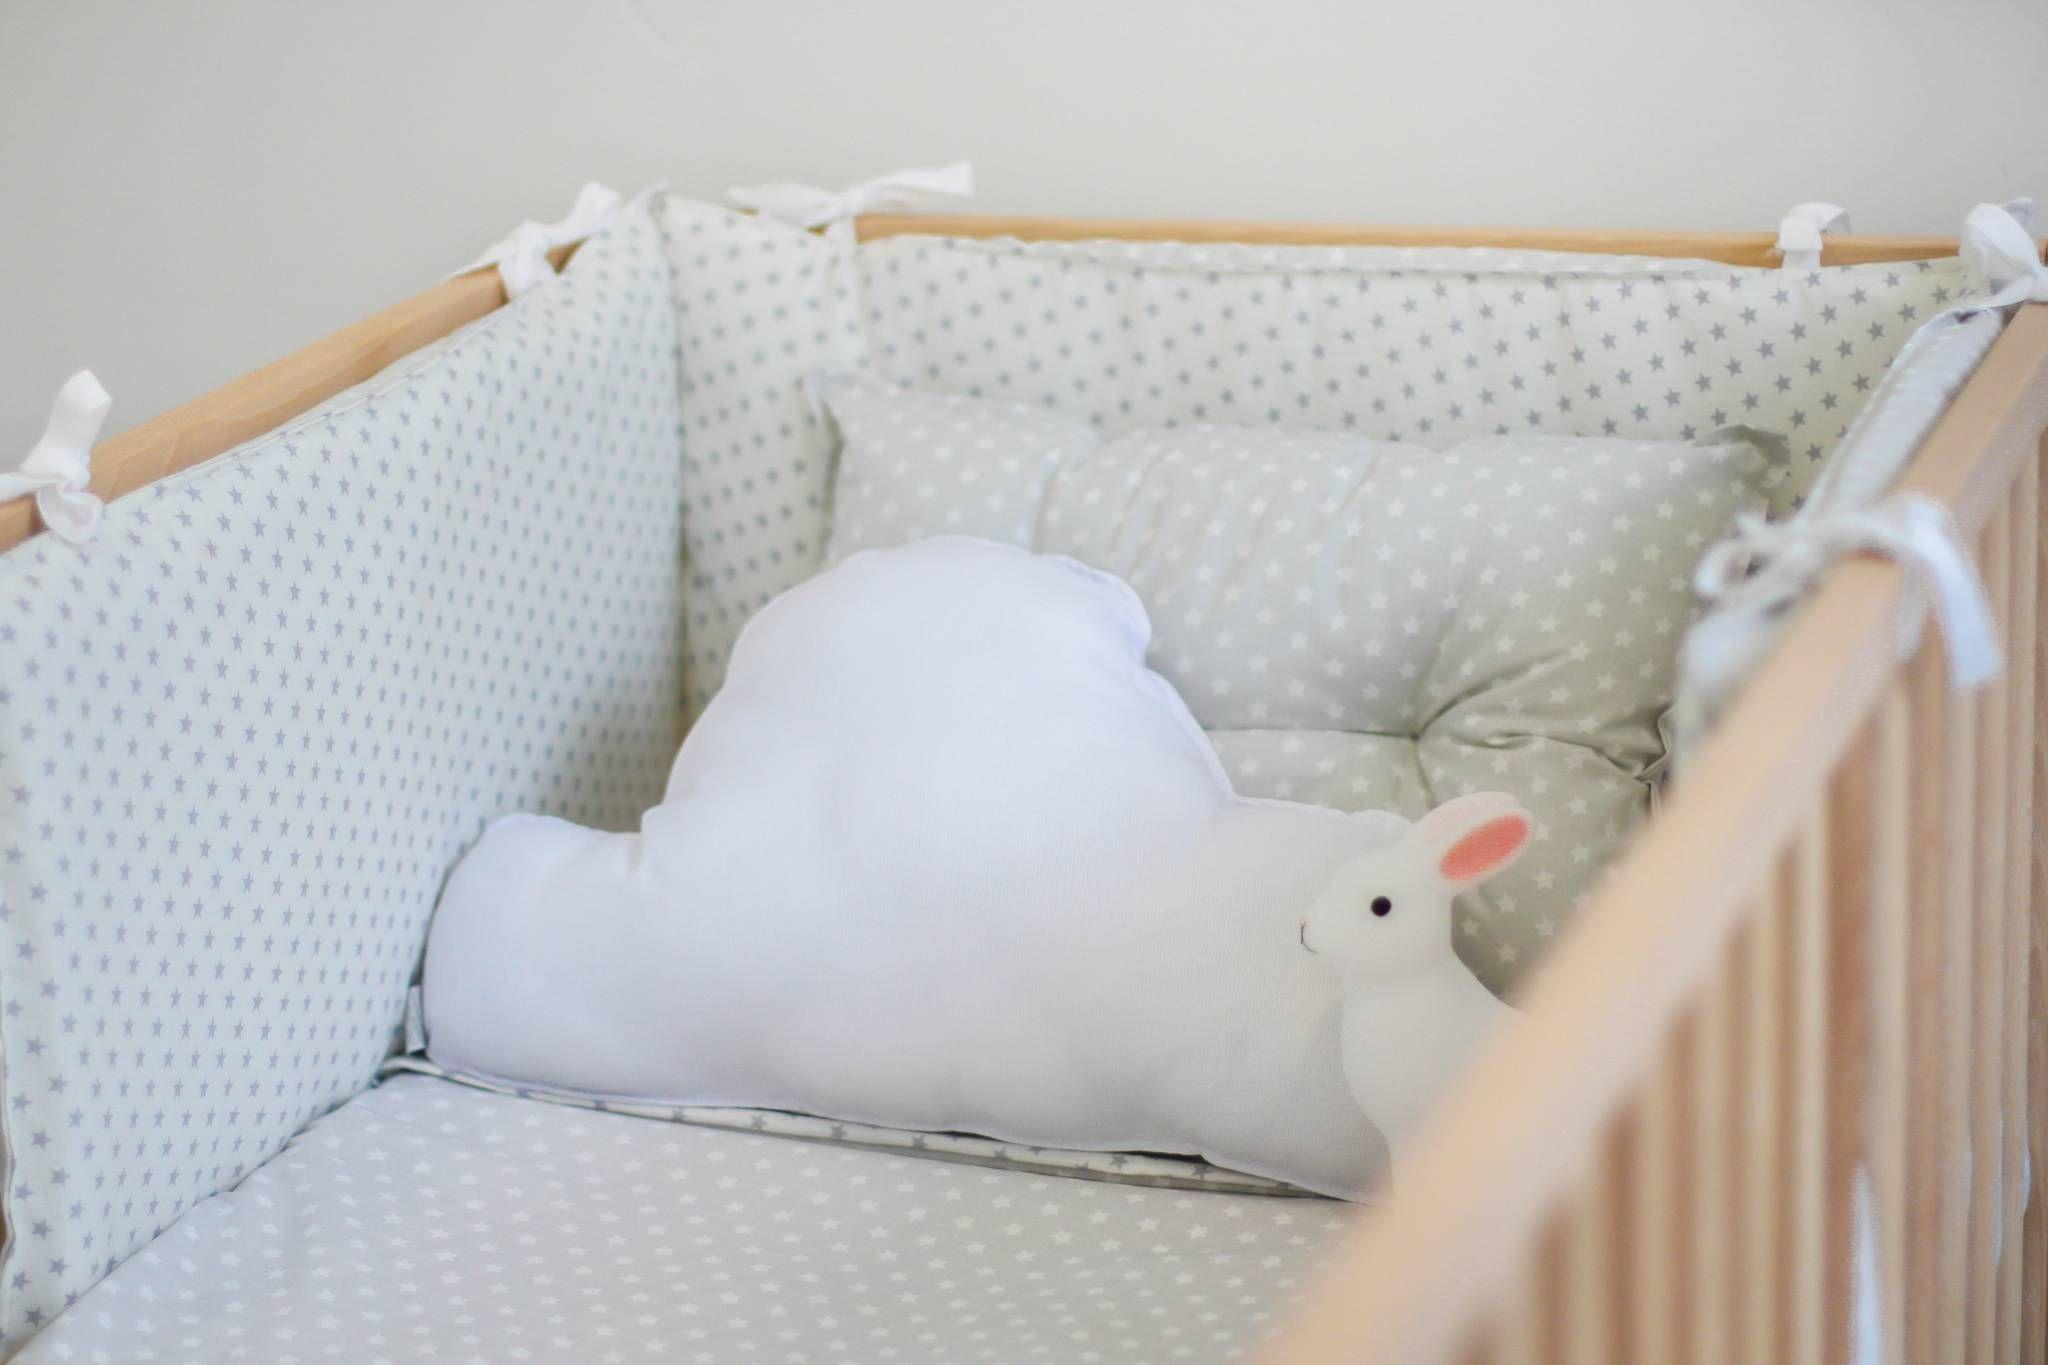 Funda nordica cama bebe cuna niño decoración y textil infantil ...